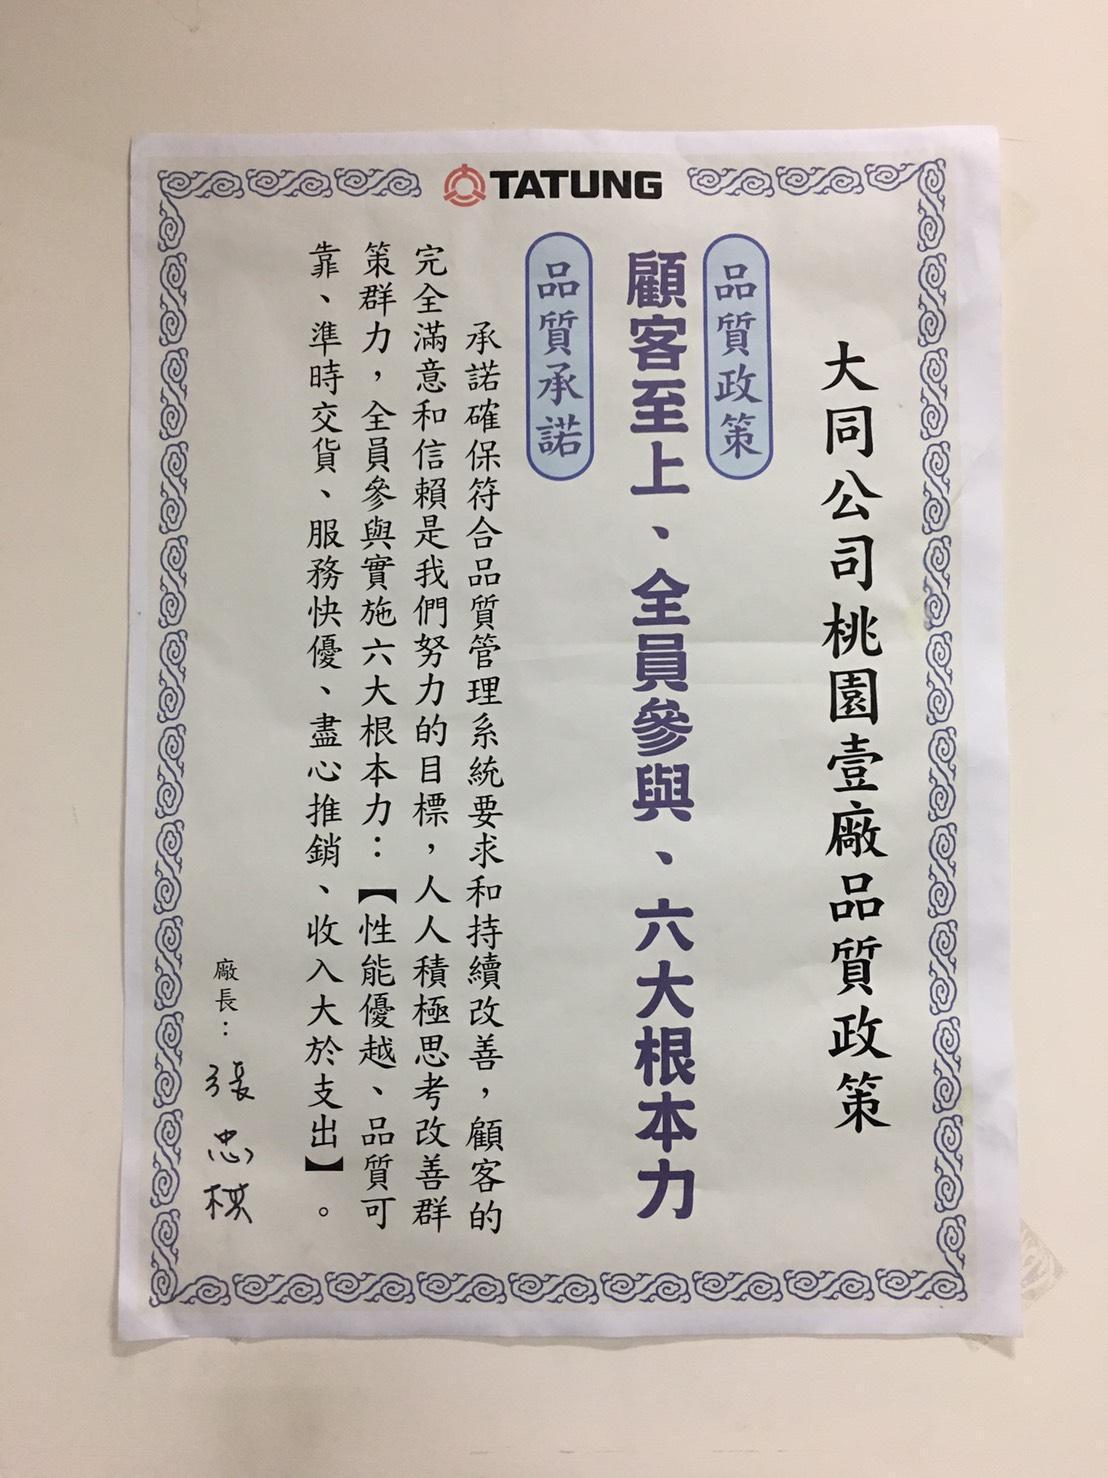 隨手拍了廠內貼在牆上的「品質承諾」,要求顧客的滿意和信賴至上。